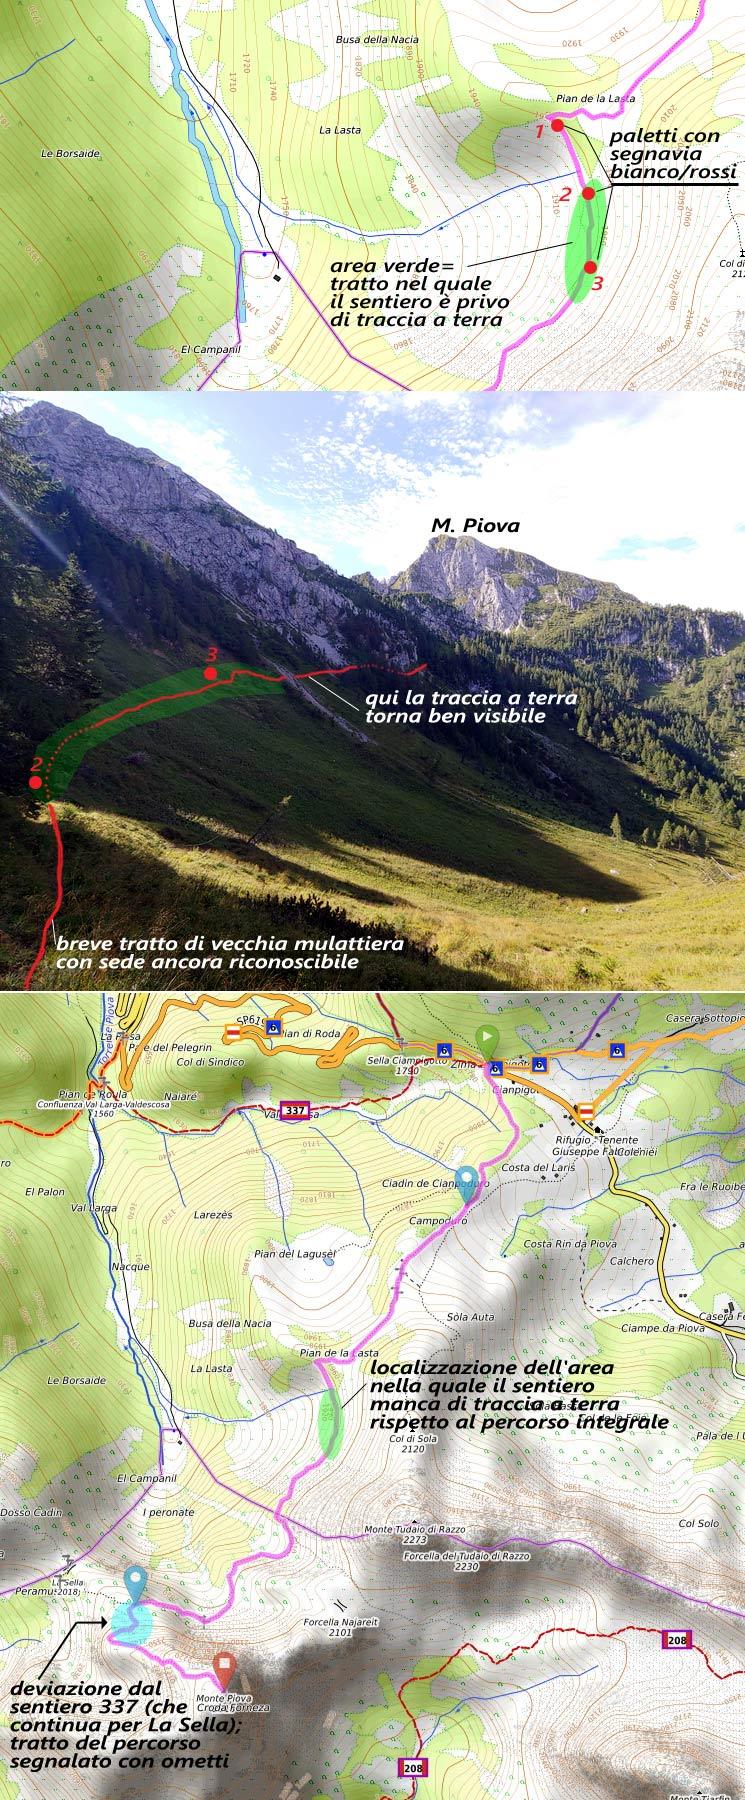 Salita al M. Piova: mappa e foto descrittiva dell'attraversamento erboso sul sentiero 337 subito dopo Pian de la Lasta